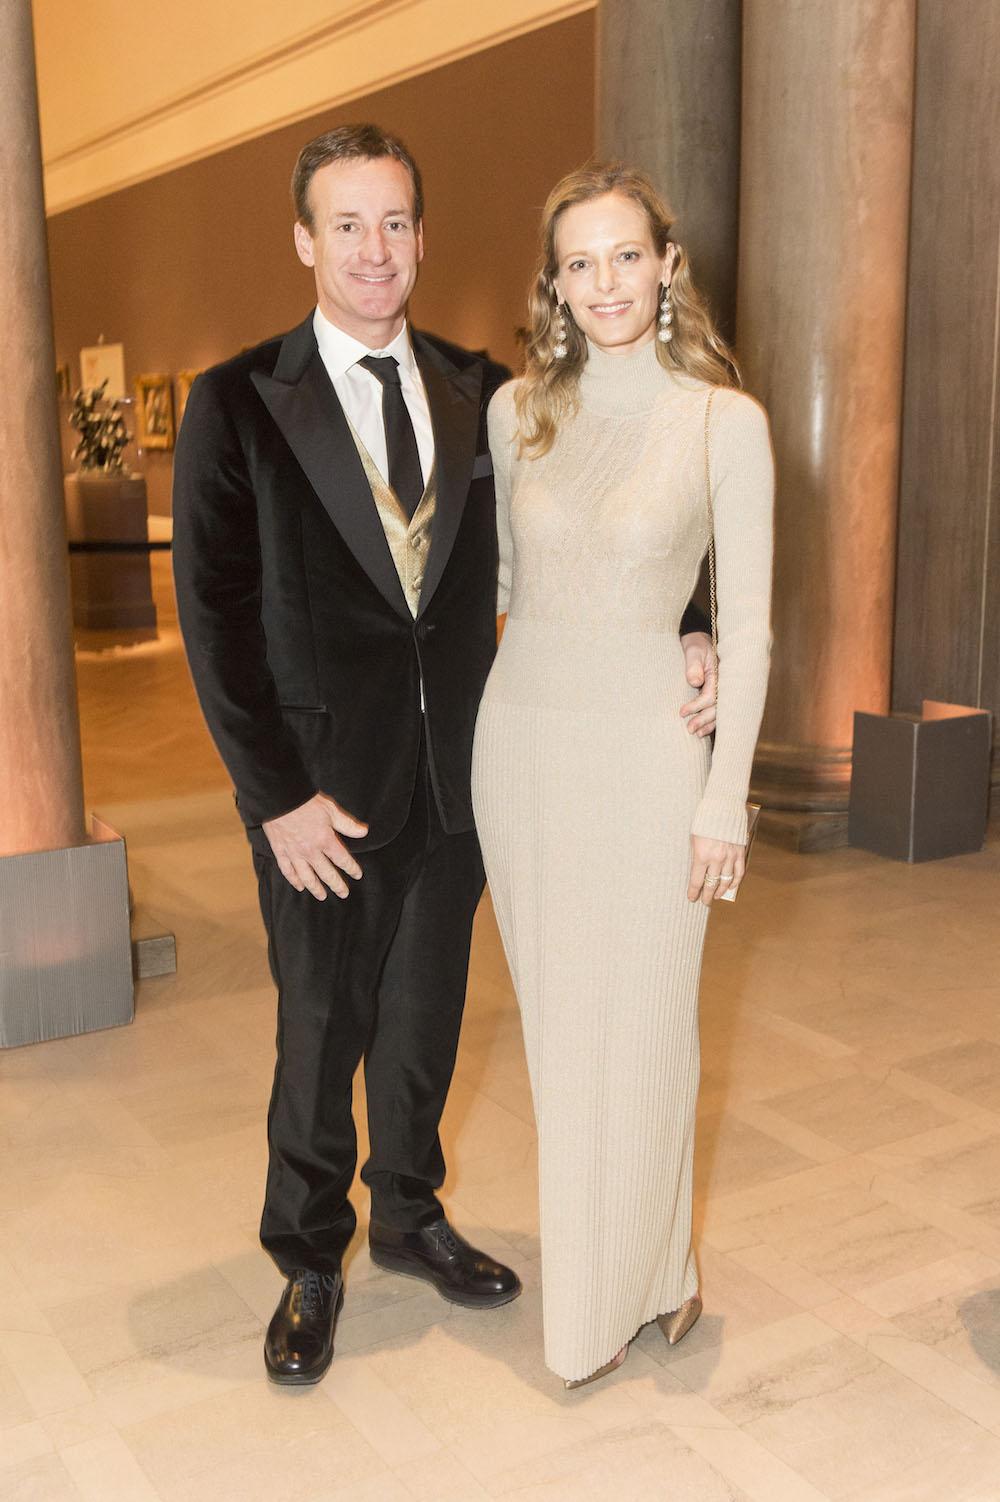 Todd and Katie Traina